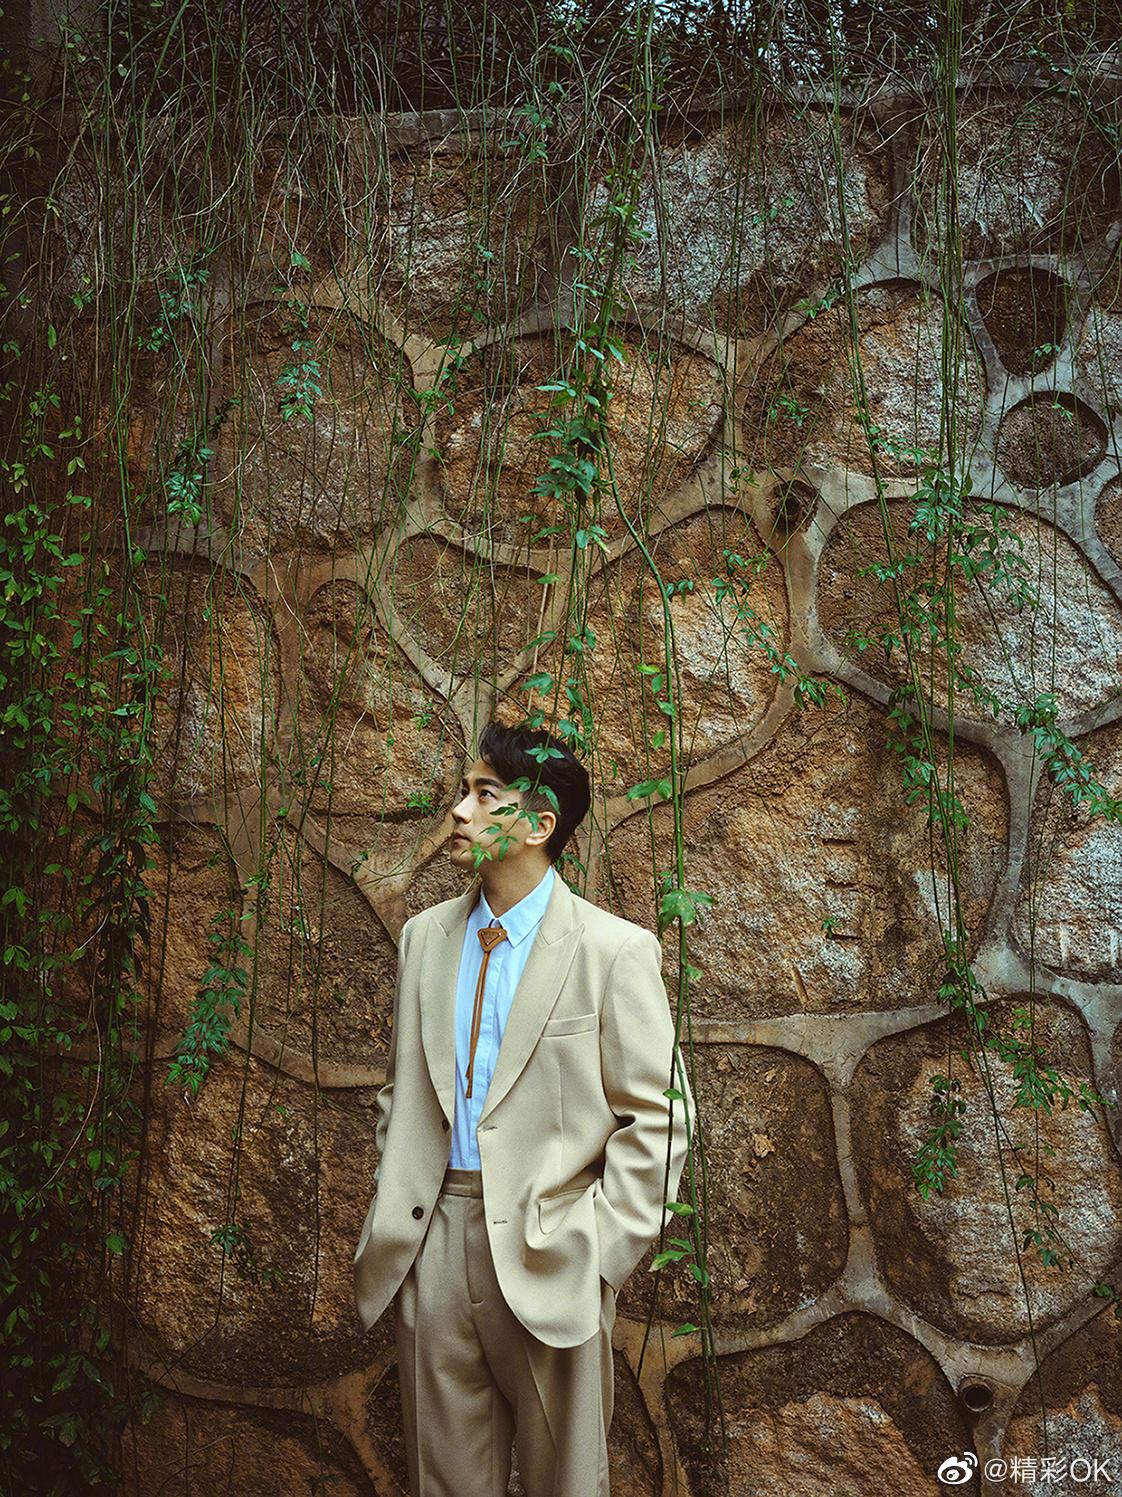 刘恺威驼色西服套装搭配同色系领带,文艺儒雅又个性十足